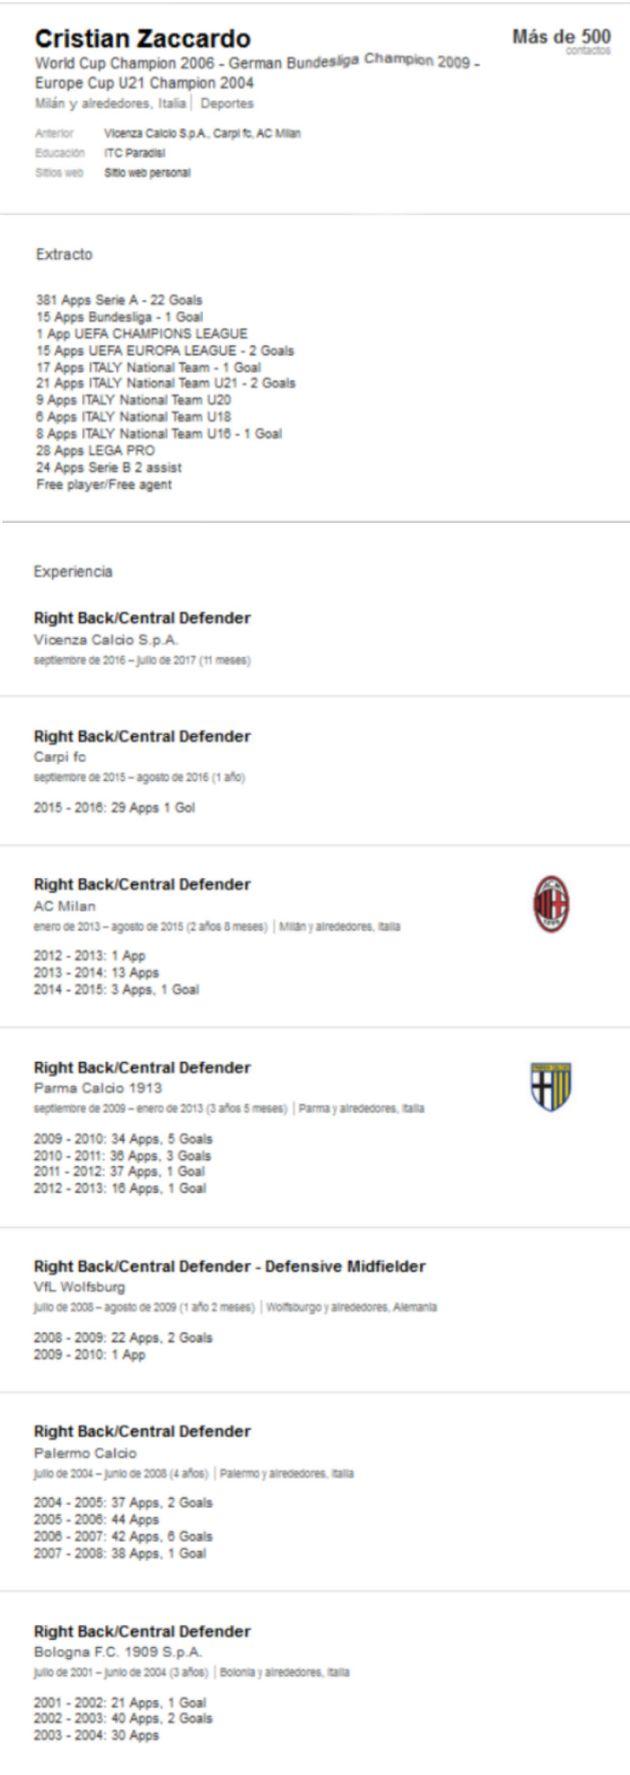 El campeón de Mundo con Italia en 2006 que busca trabajo en Linkedin ...